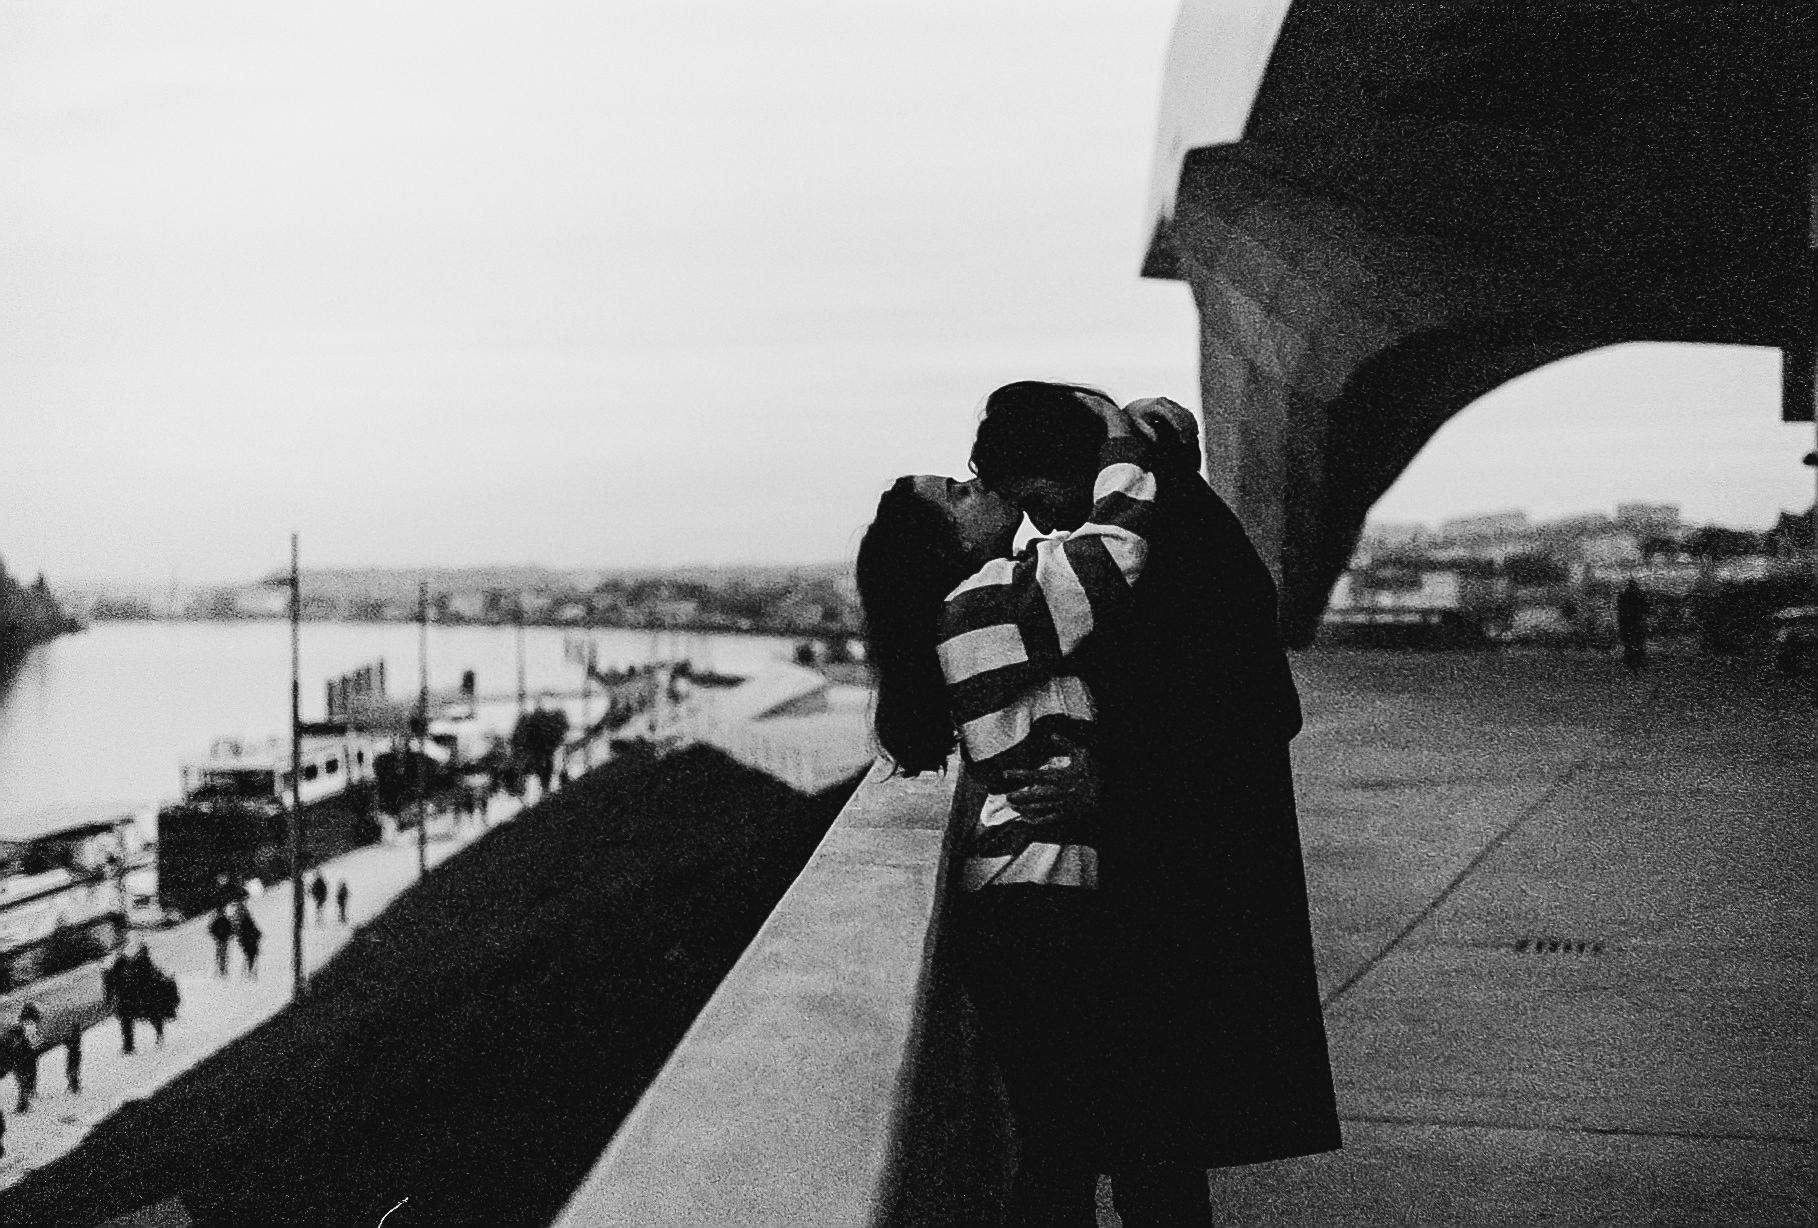 Léa-Fery-photographe-professionnel-lyon-rhone-alpes-portrait-creation-mariage-evenement-evenementiel-famille-000011.jpg